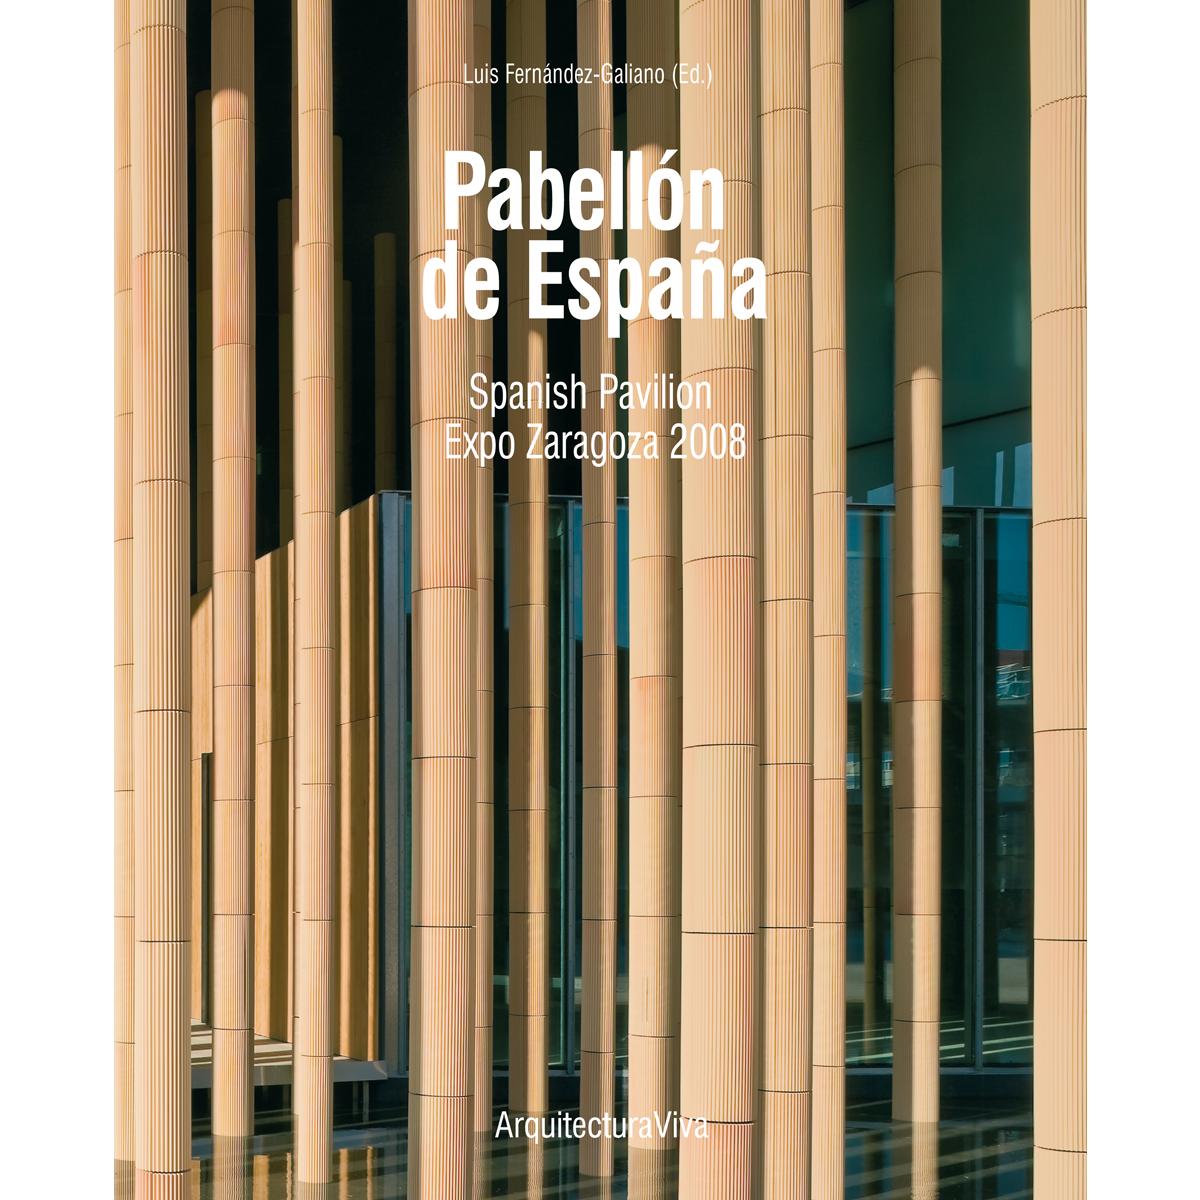 Spanish Pavilion